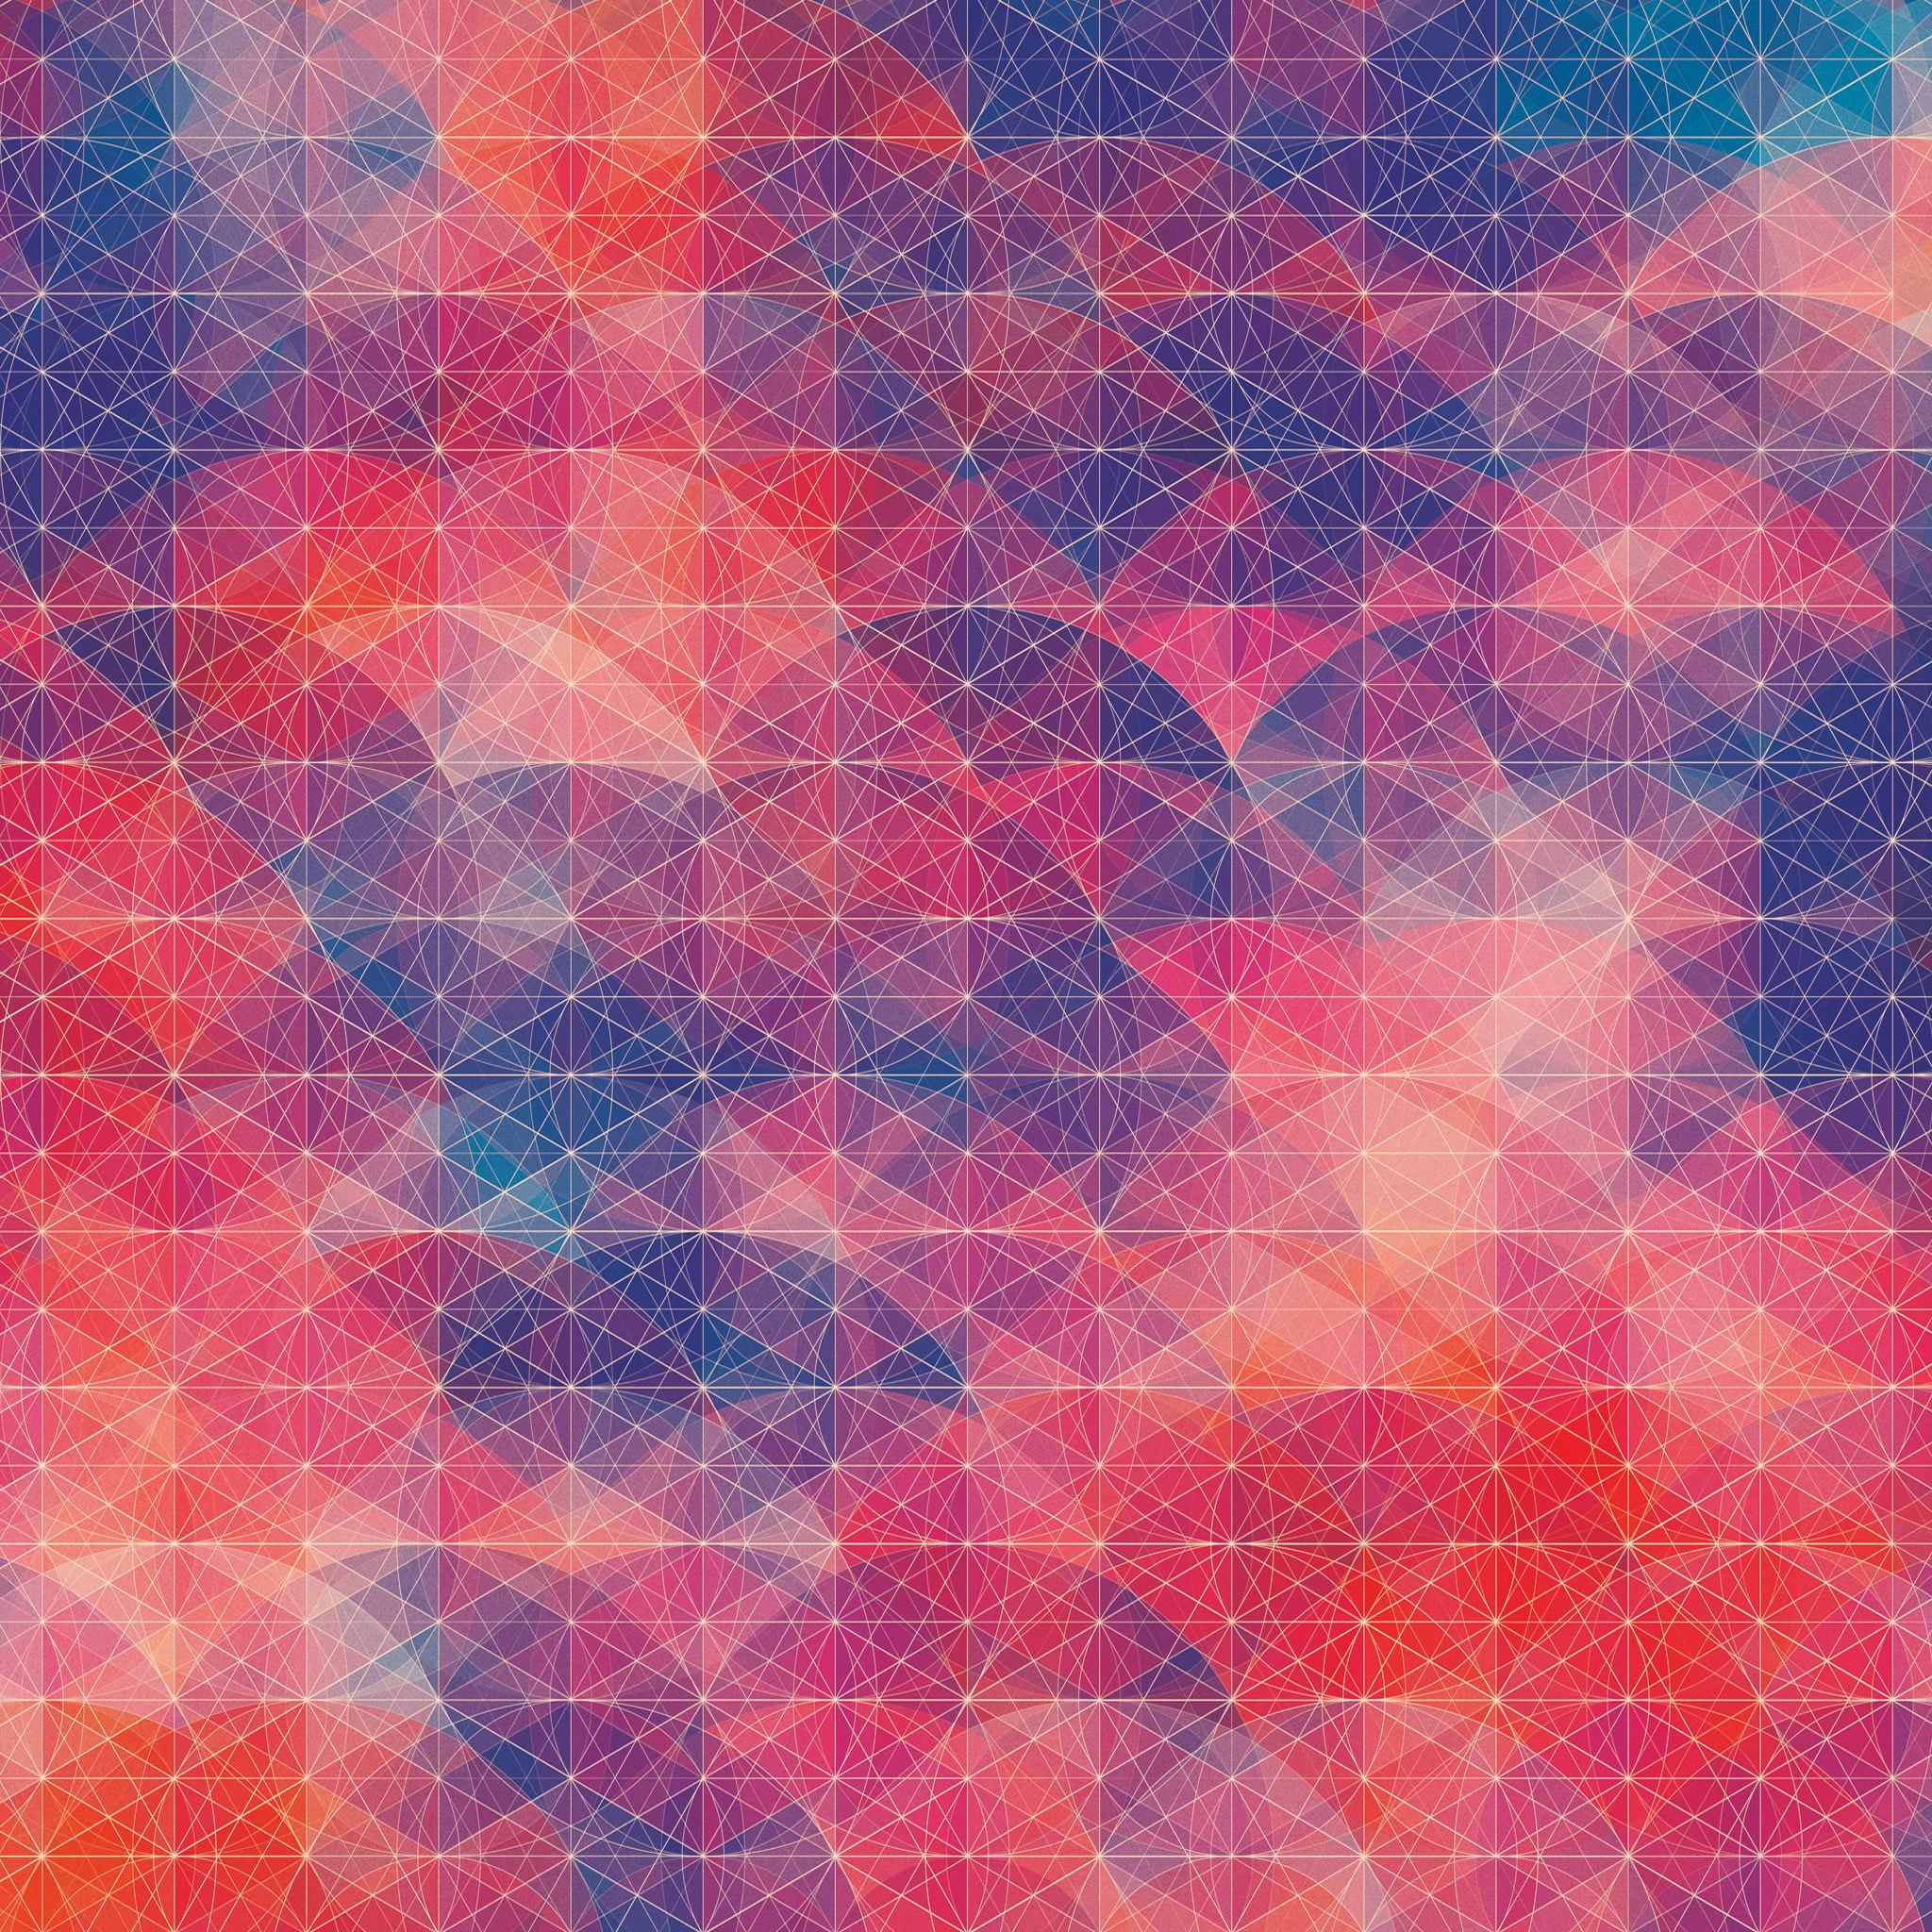 カラフルな幾何学模様の壁紙3(iPad3用/2048×2048)